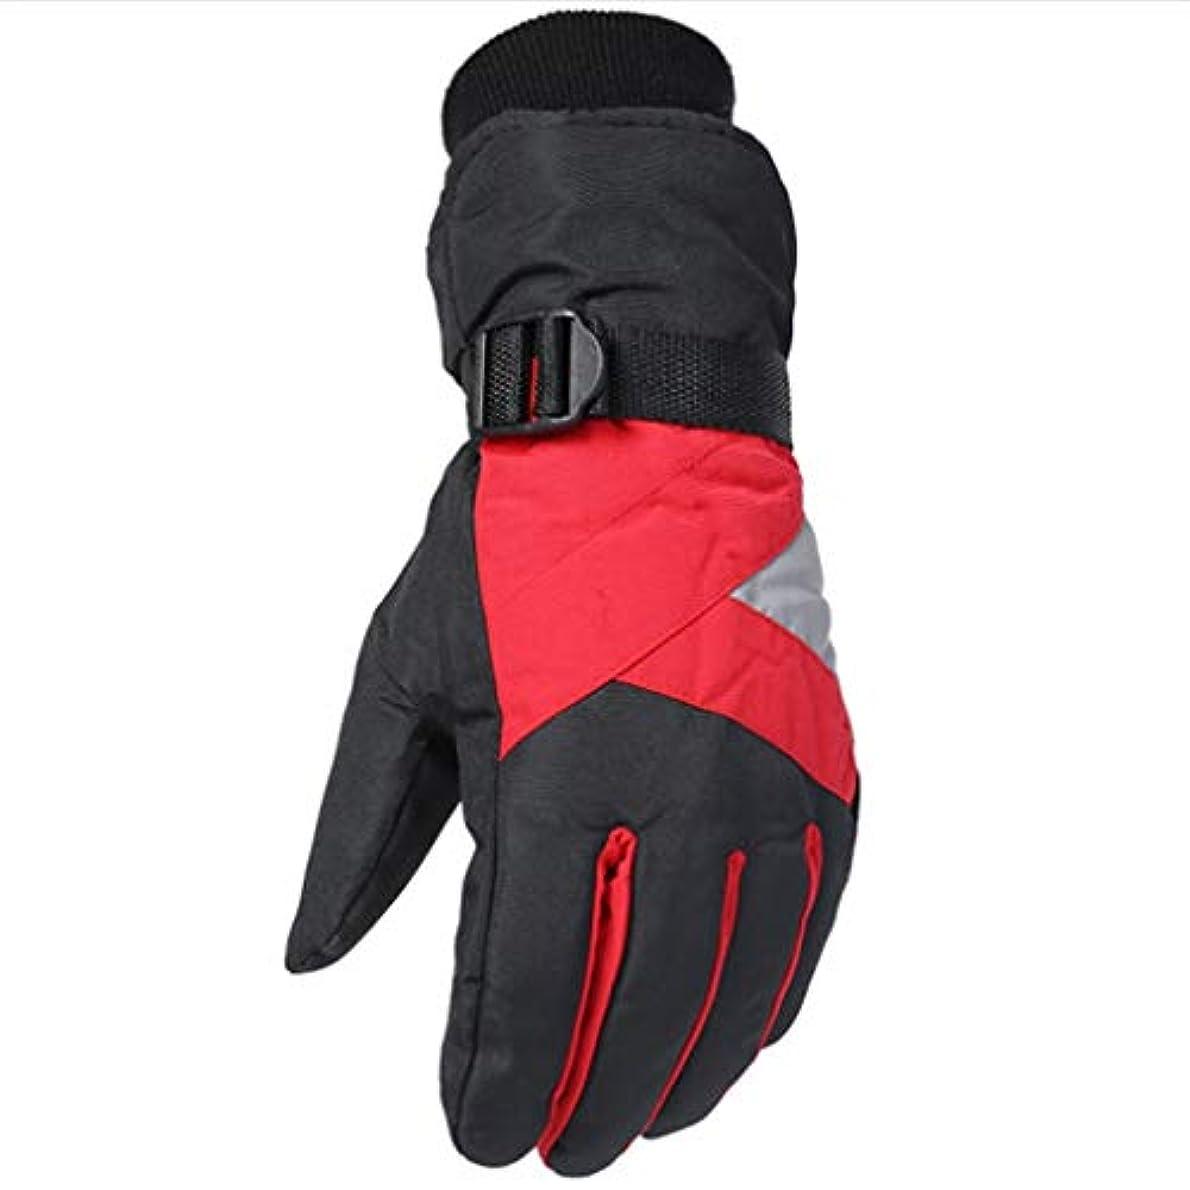 数学的な従来のスカリー手袋の男性の冬プラスベルベット厚手の暖かいスキーグローブは、凍結防止の登山手袋を運転する (色 : Red)